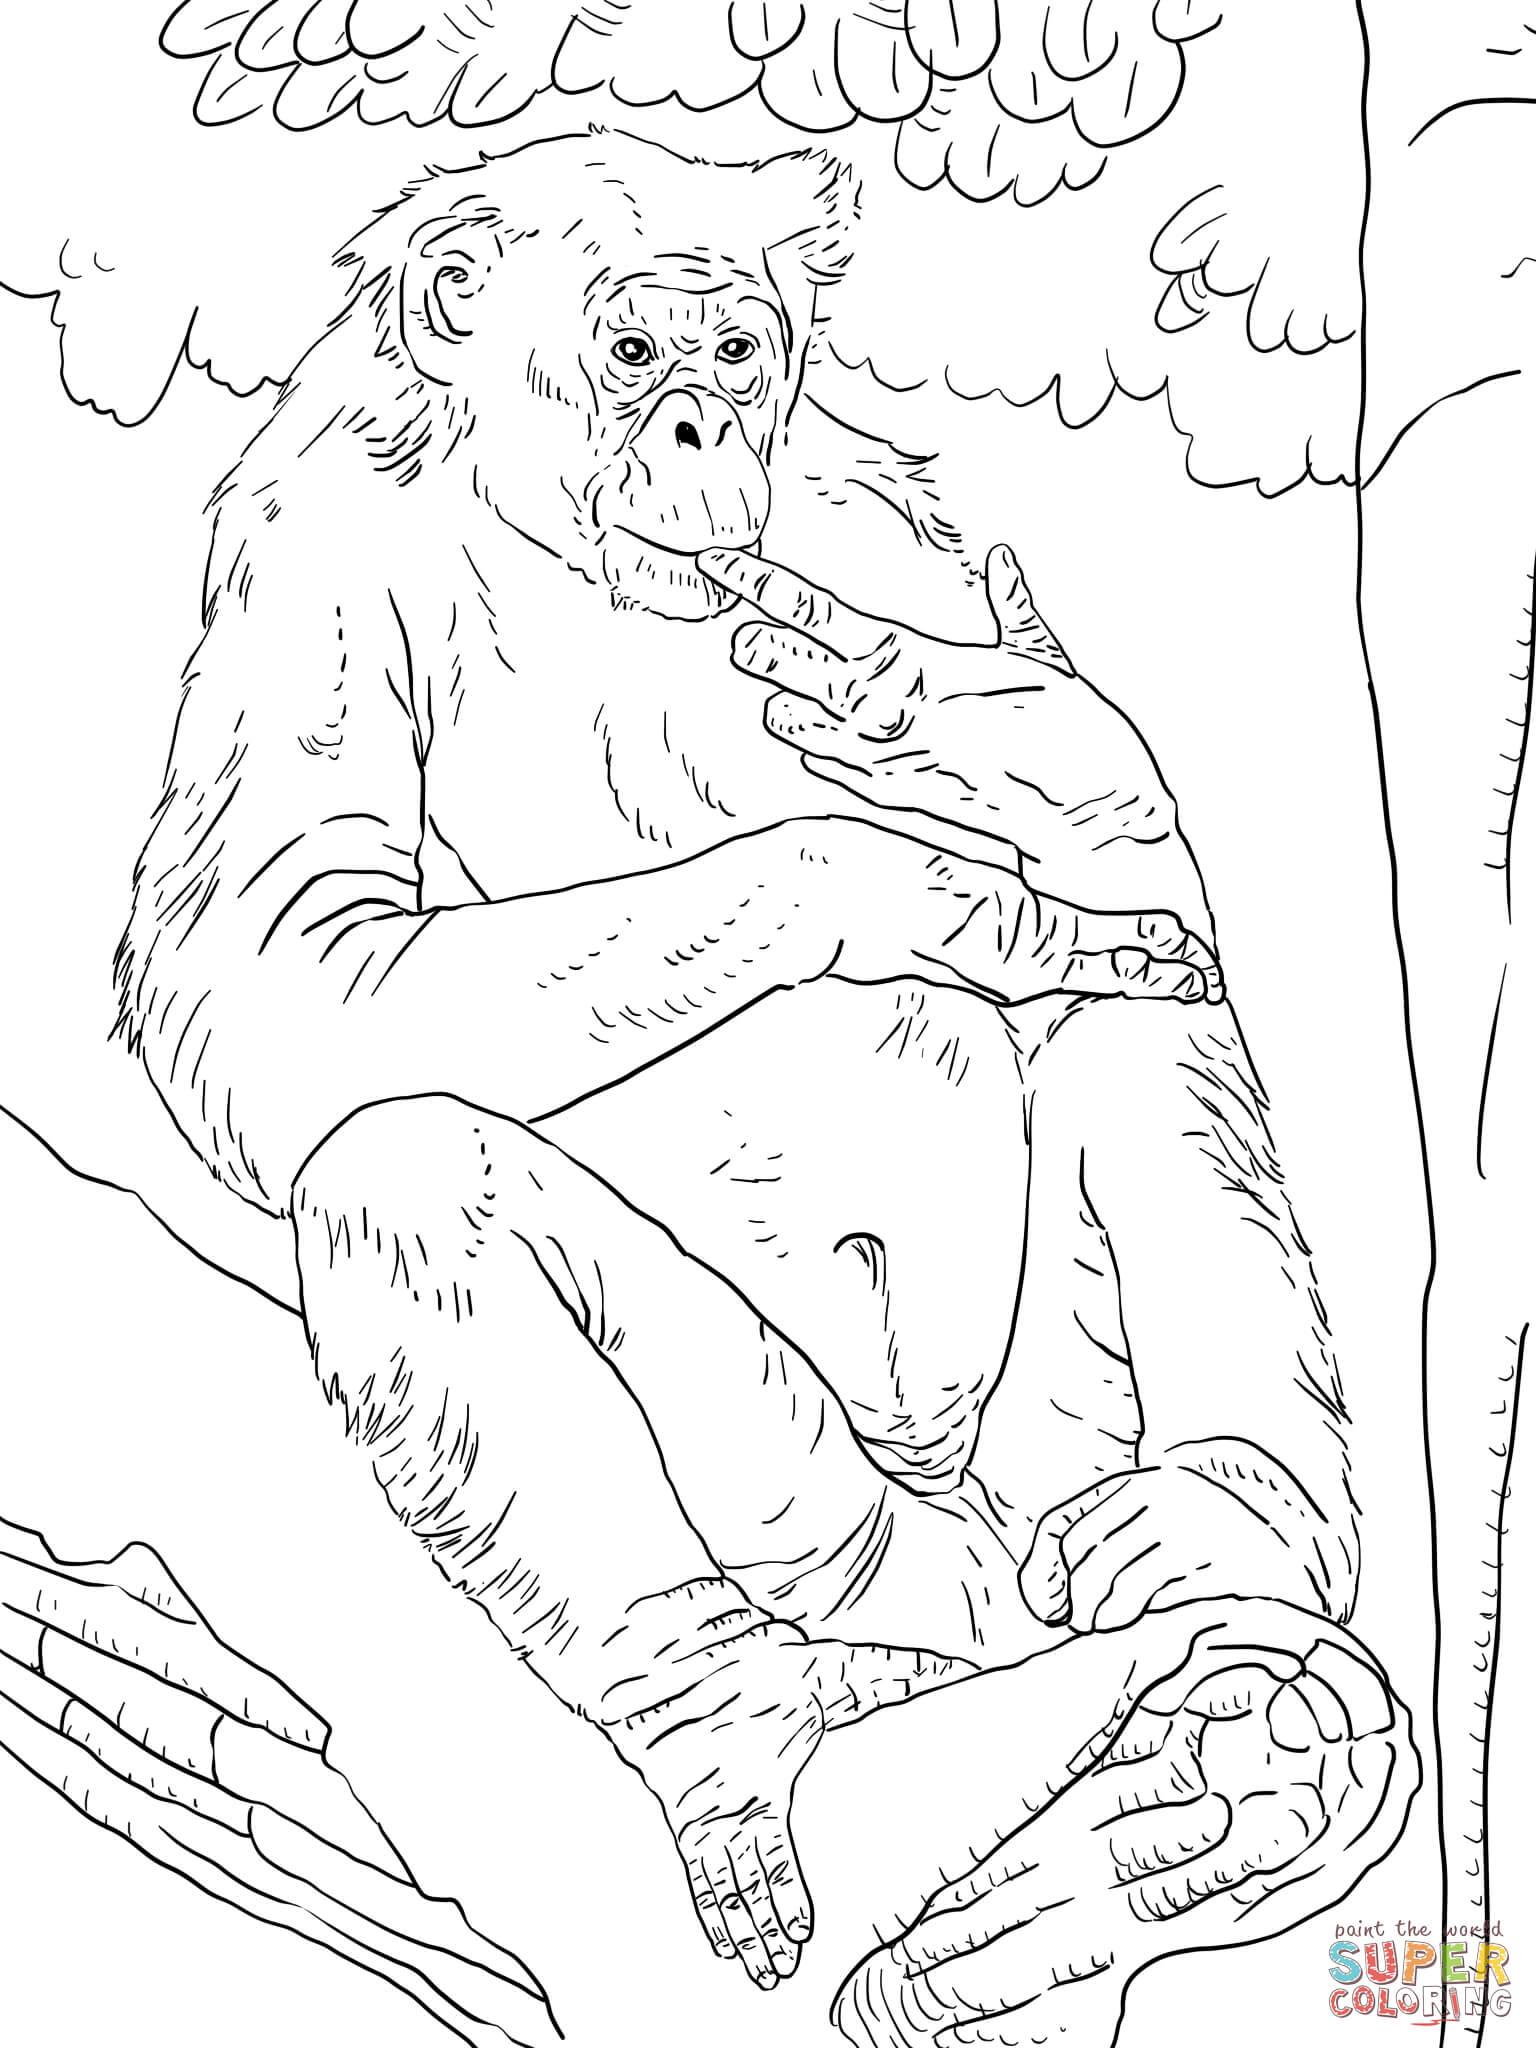 Bonobo coloring #6, Download drawings